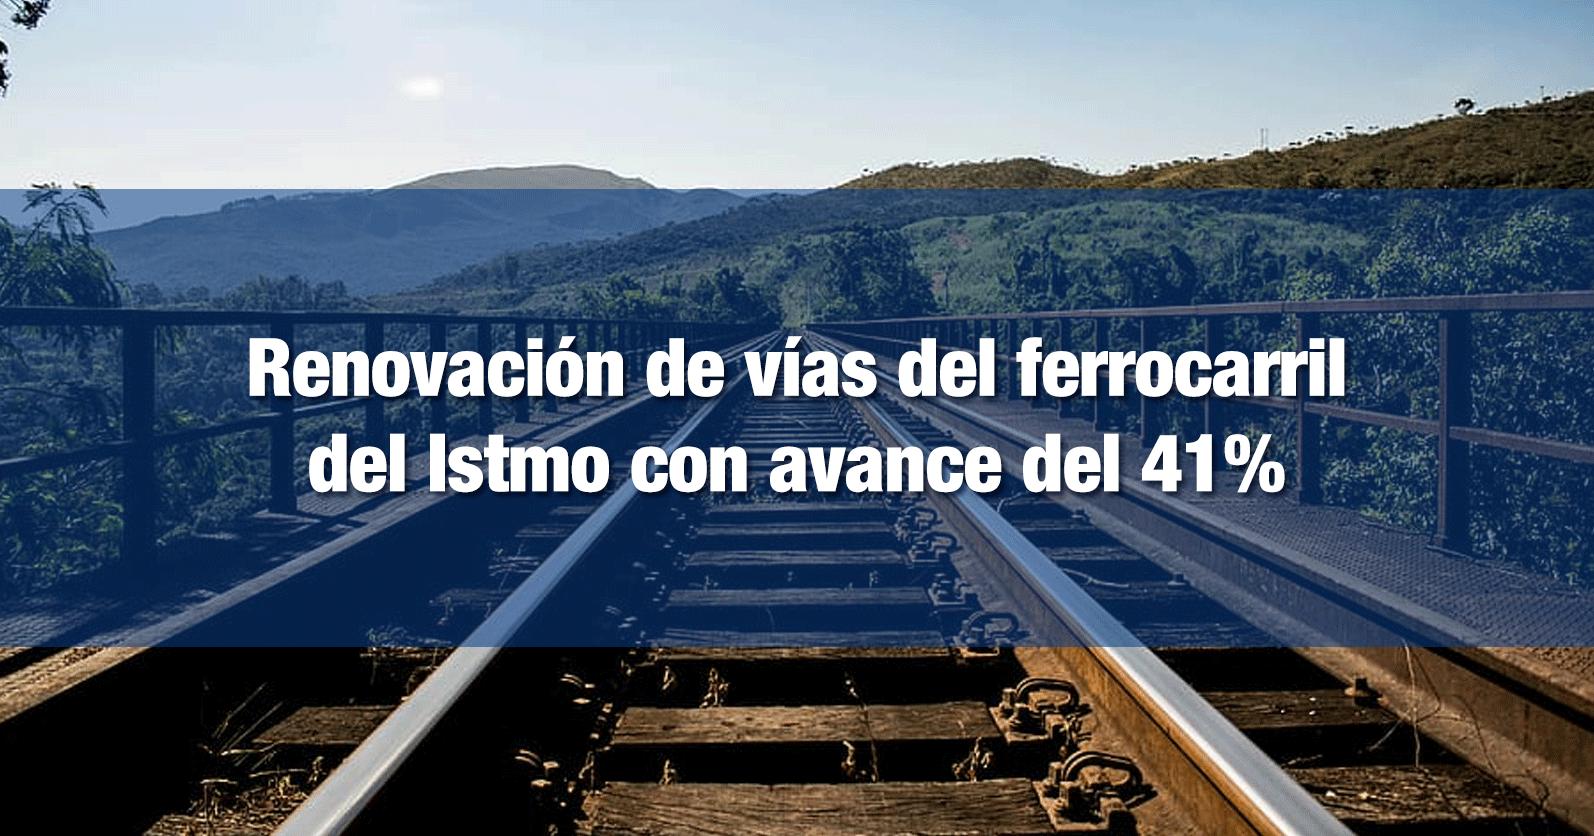 Renovación de vías del ferrocarril del Istmo con avance del 41%